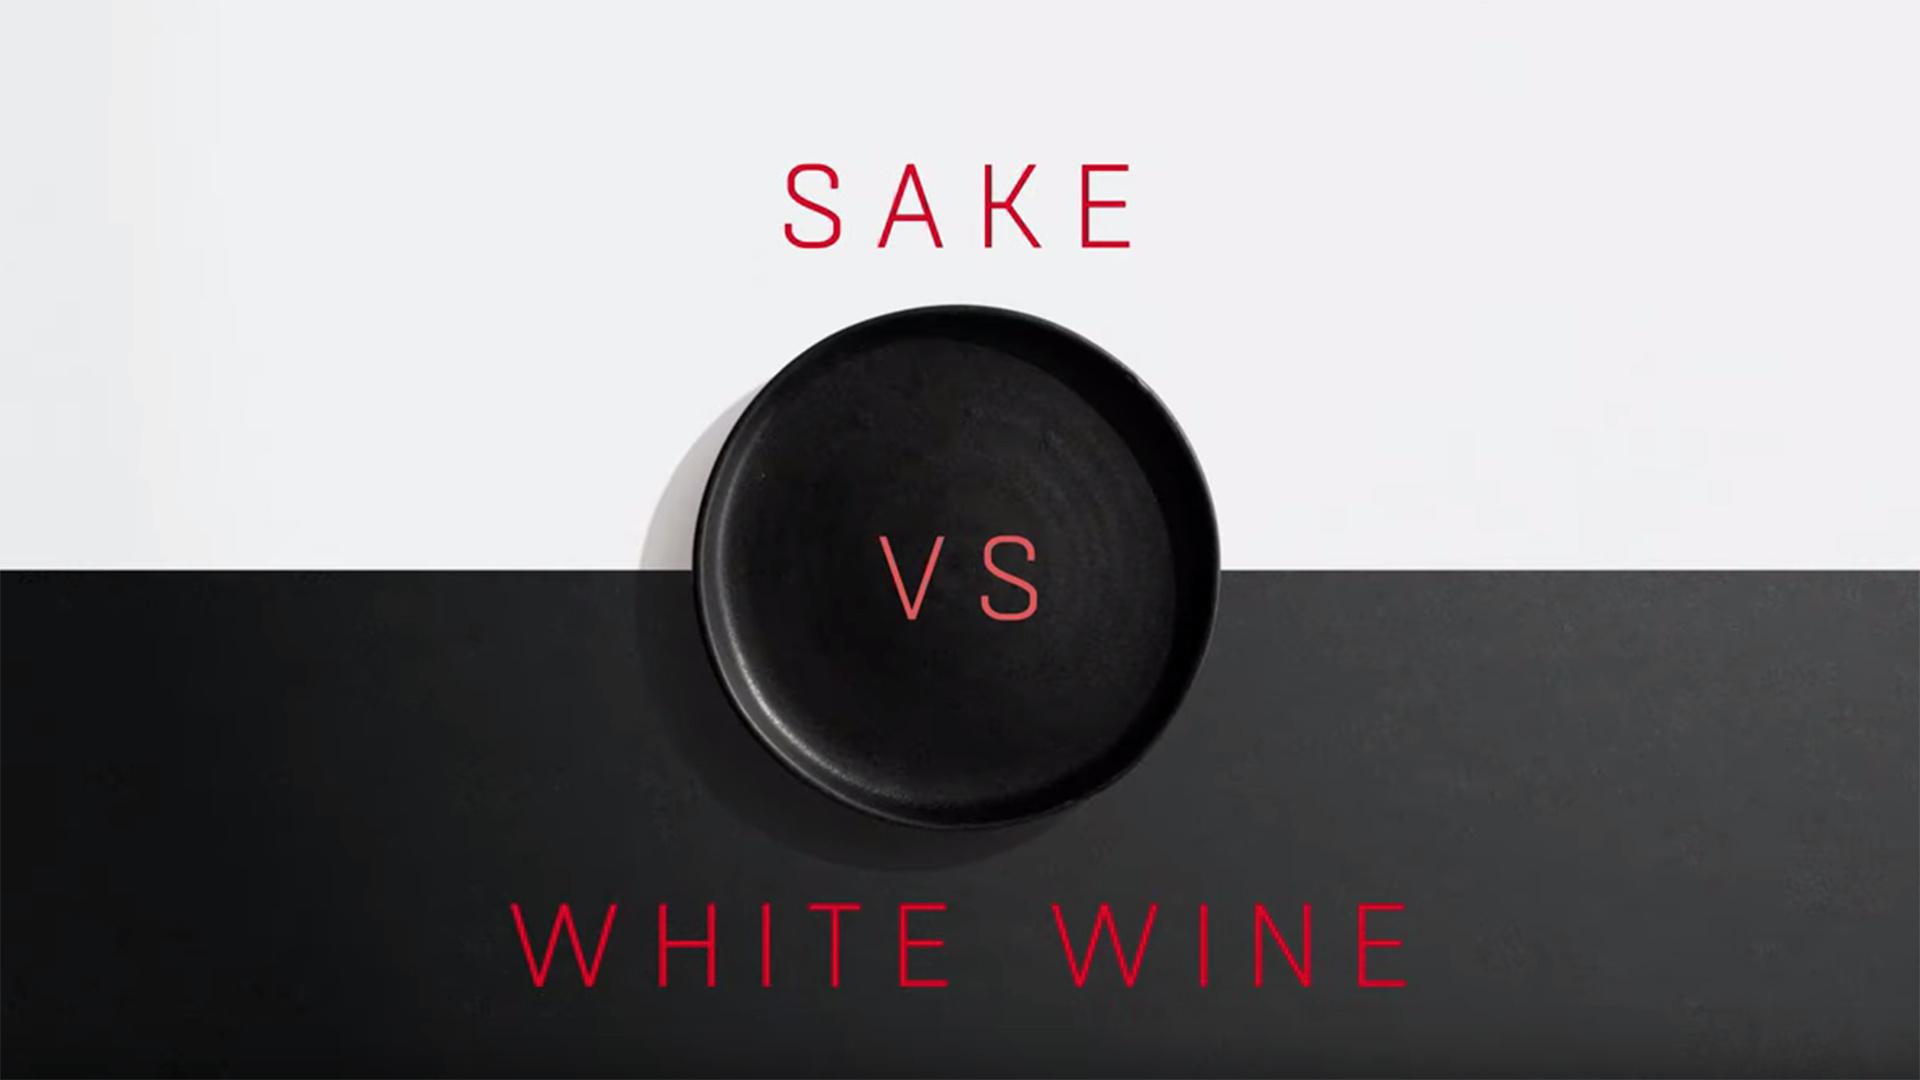 Sake vs white wine